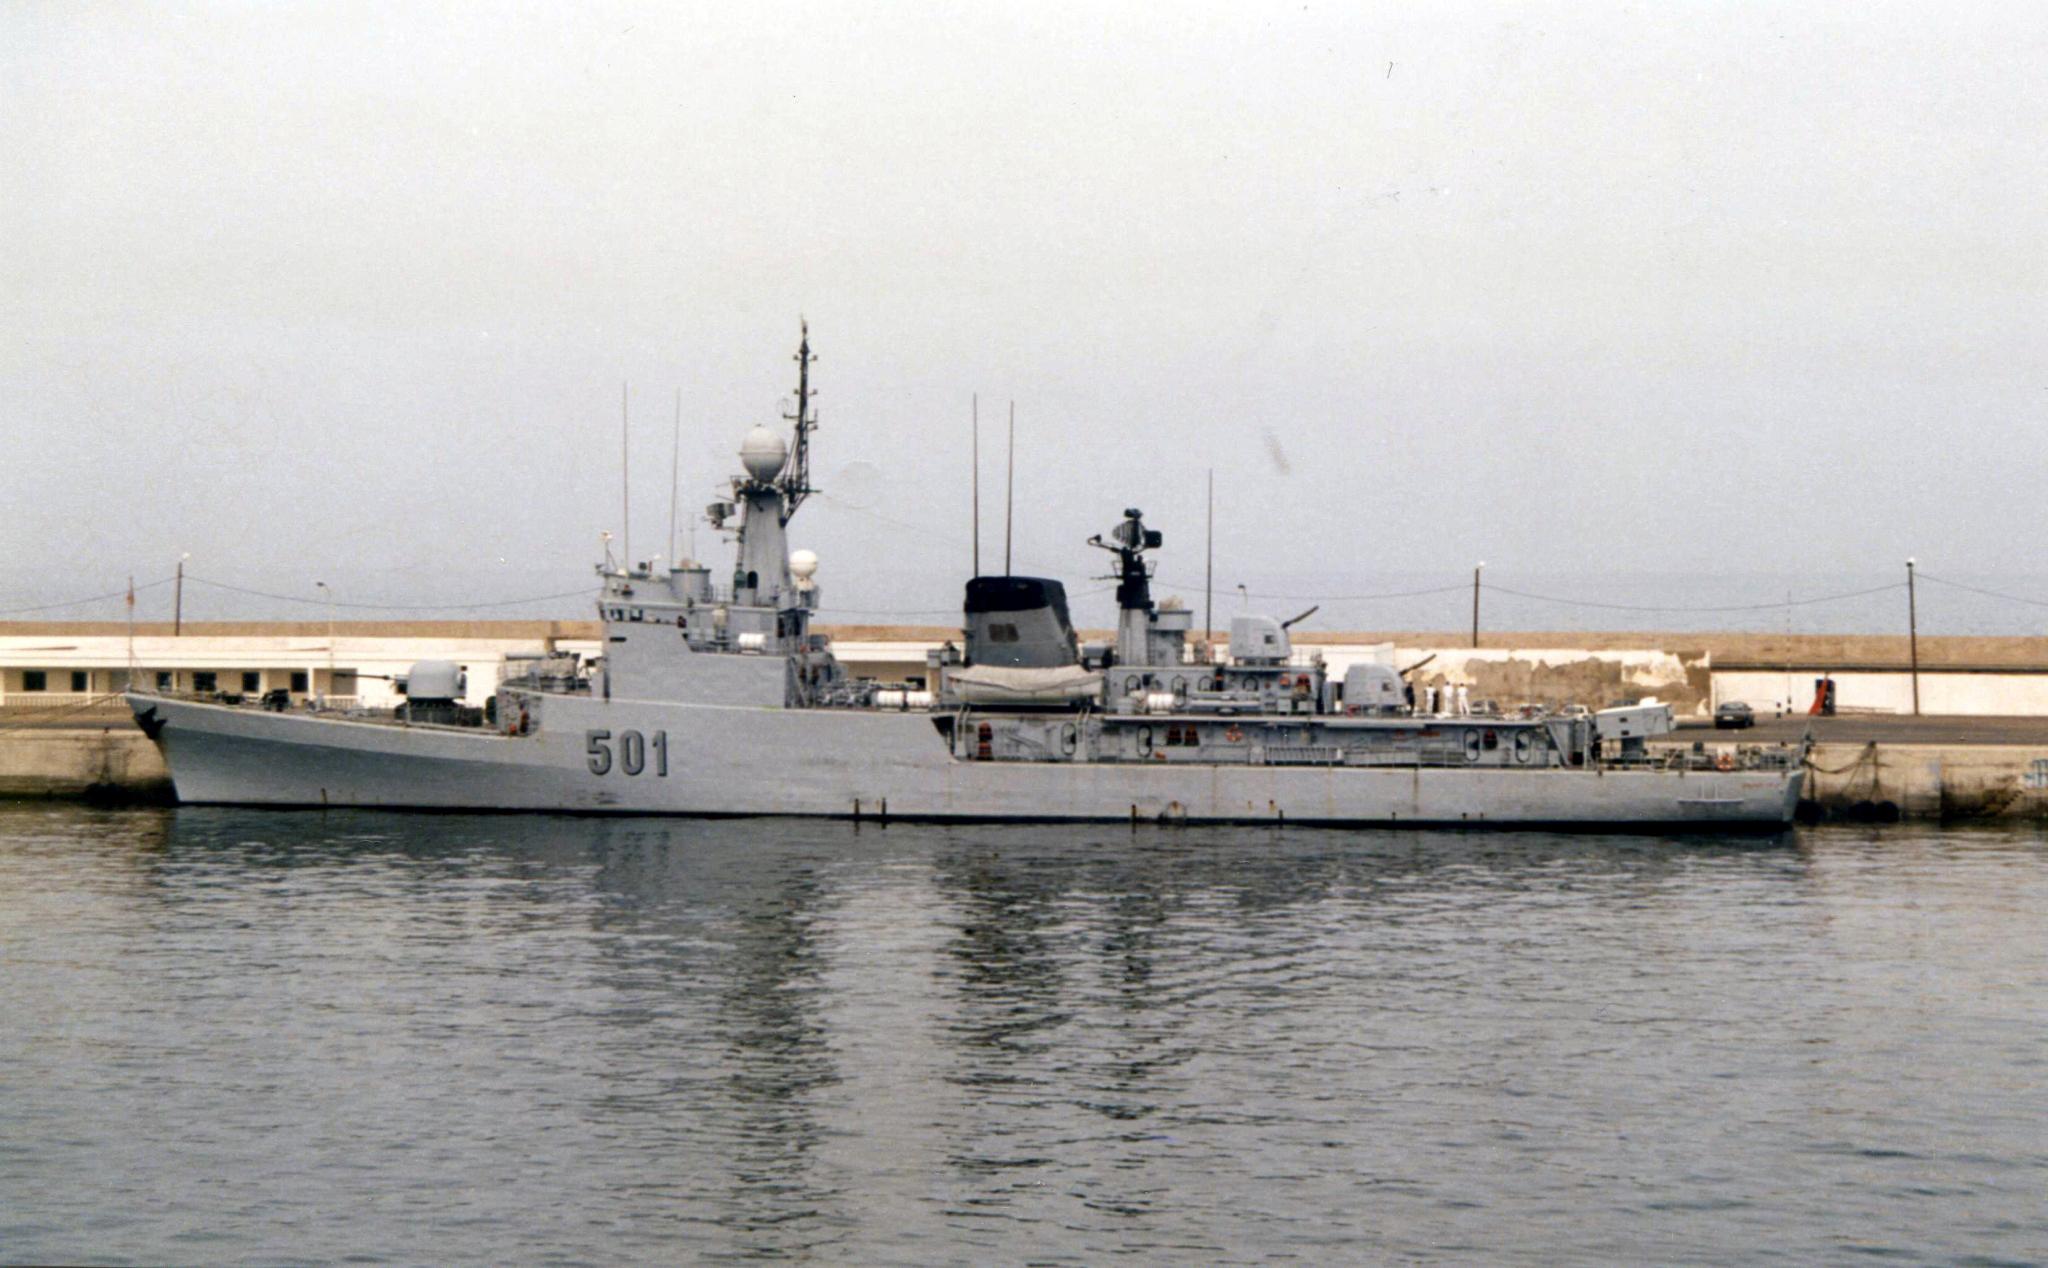 Royal Moroccan Navy Descubierta Frigate / Corvette Lt Cl Errahmani - Bâtiment École - Page 4 51101609058_3455b0989d_o_d